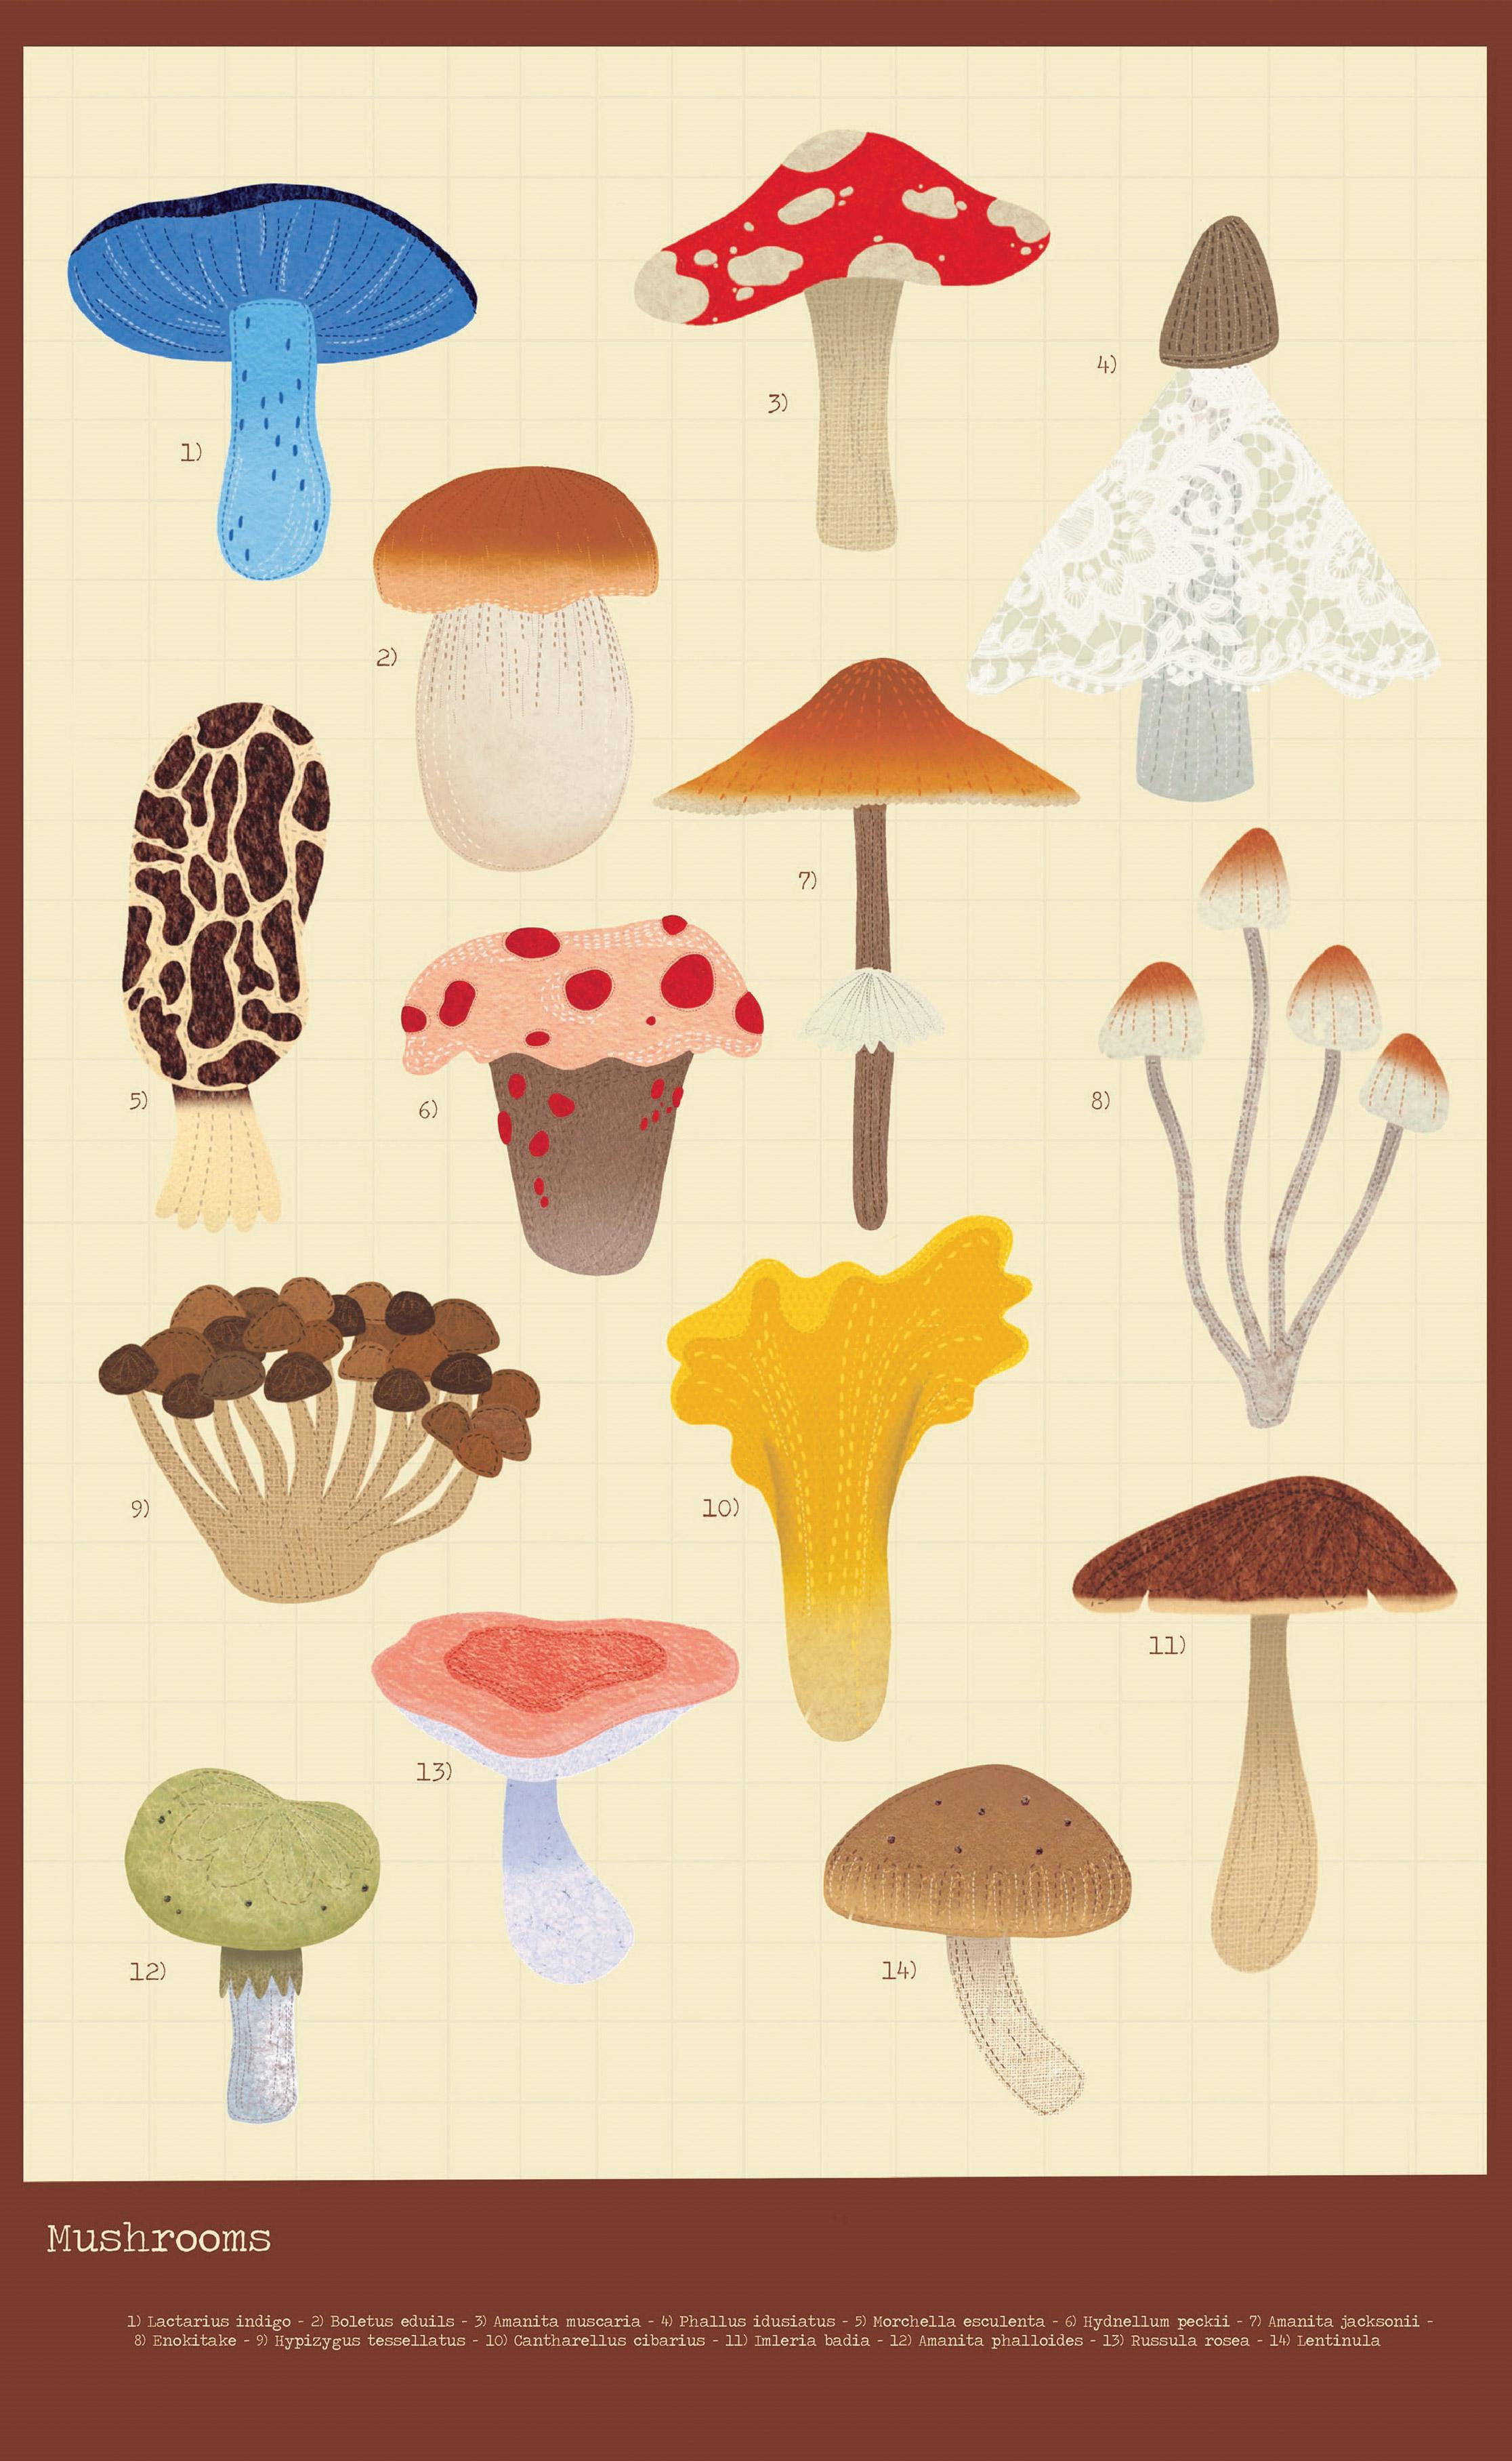 poster of mushroom illustrations